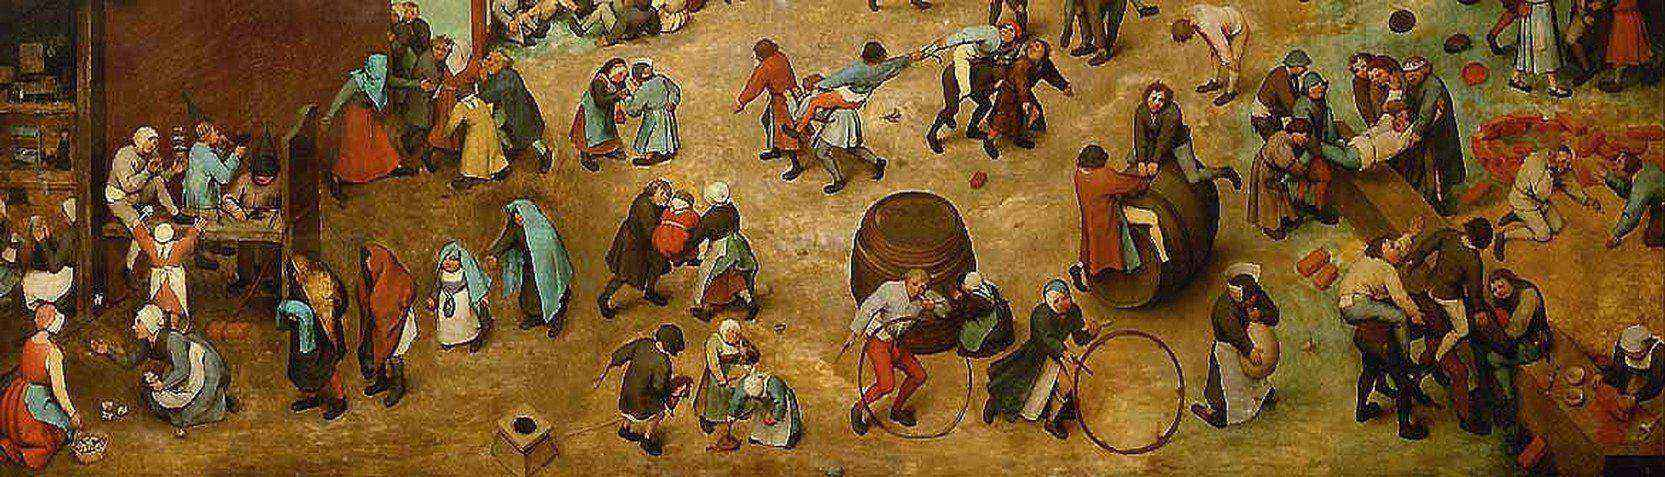 Artisti - Pieter Bruegel der Jüngere